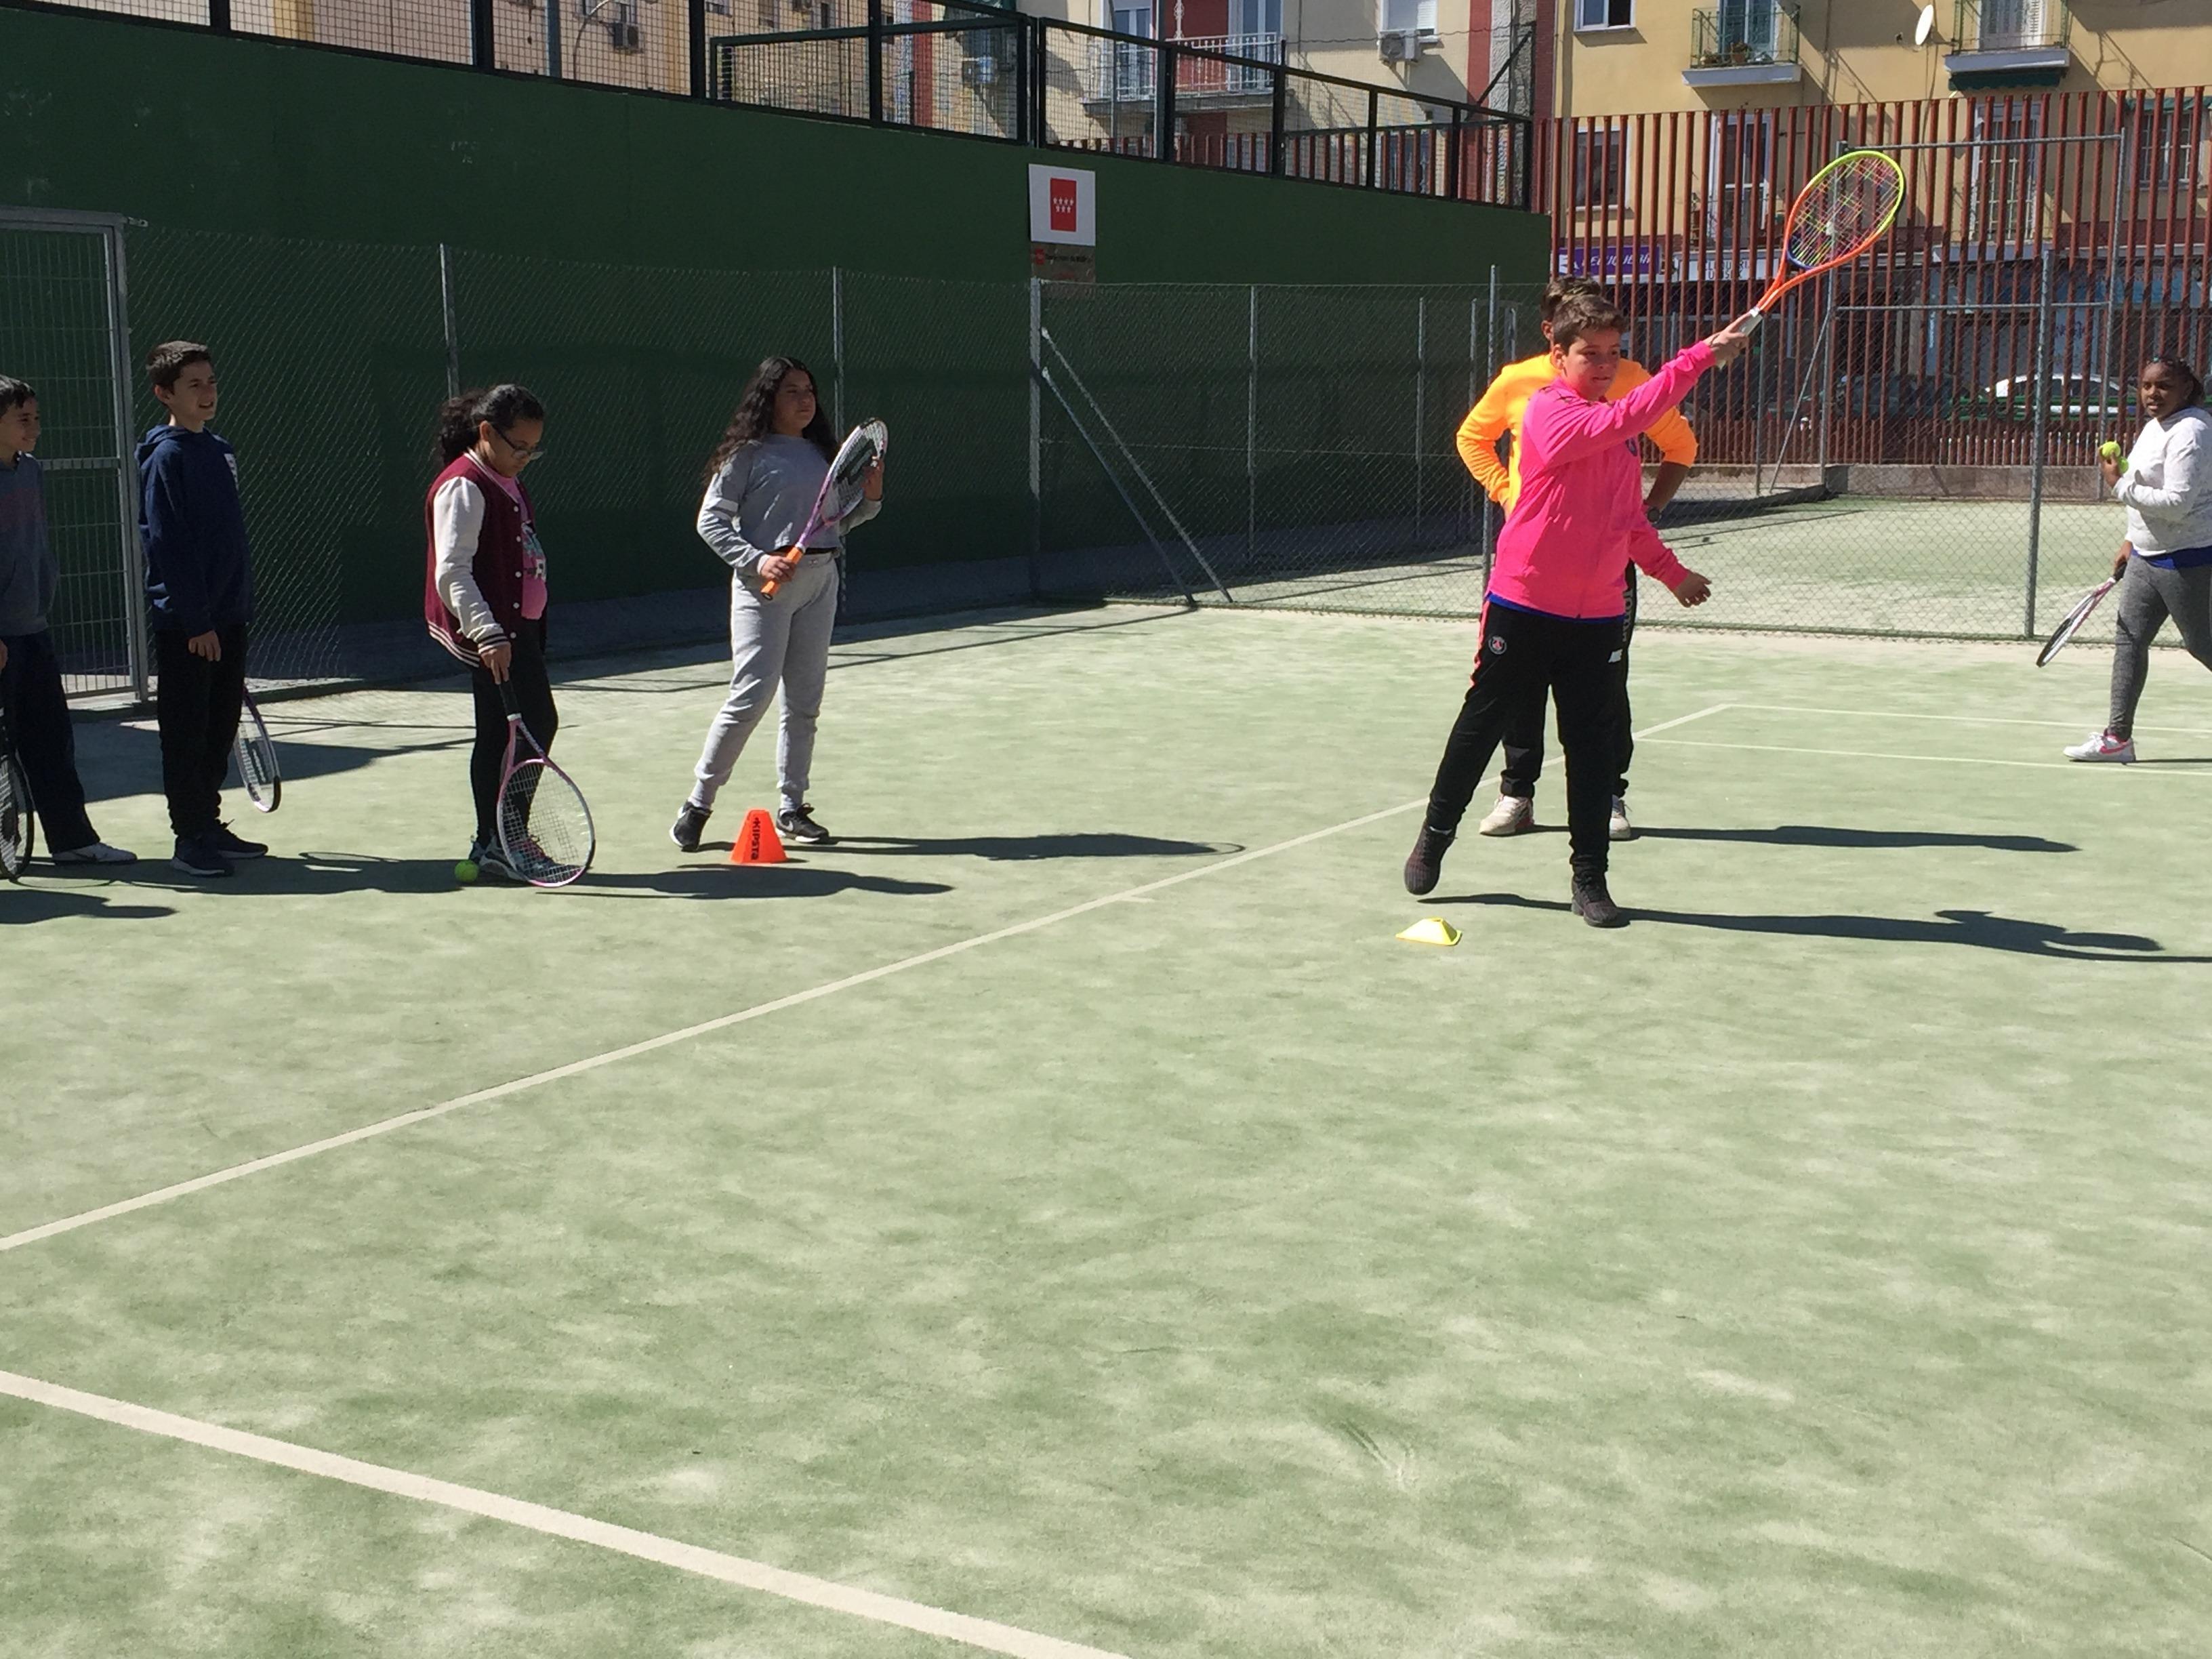 MAÑANAS ACTIVAS. Polideportivo San Vicente de Paul. 18